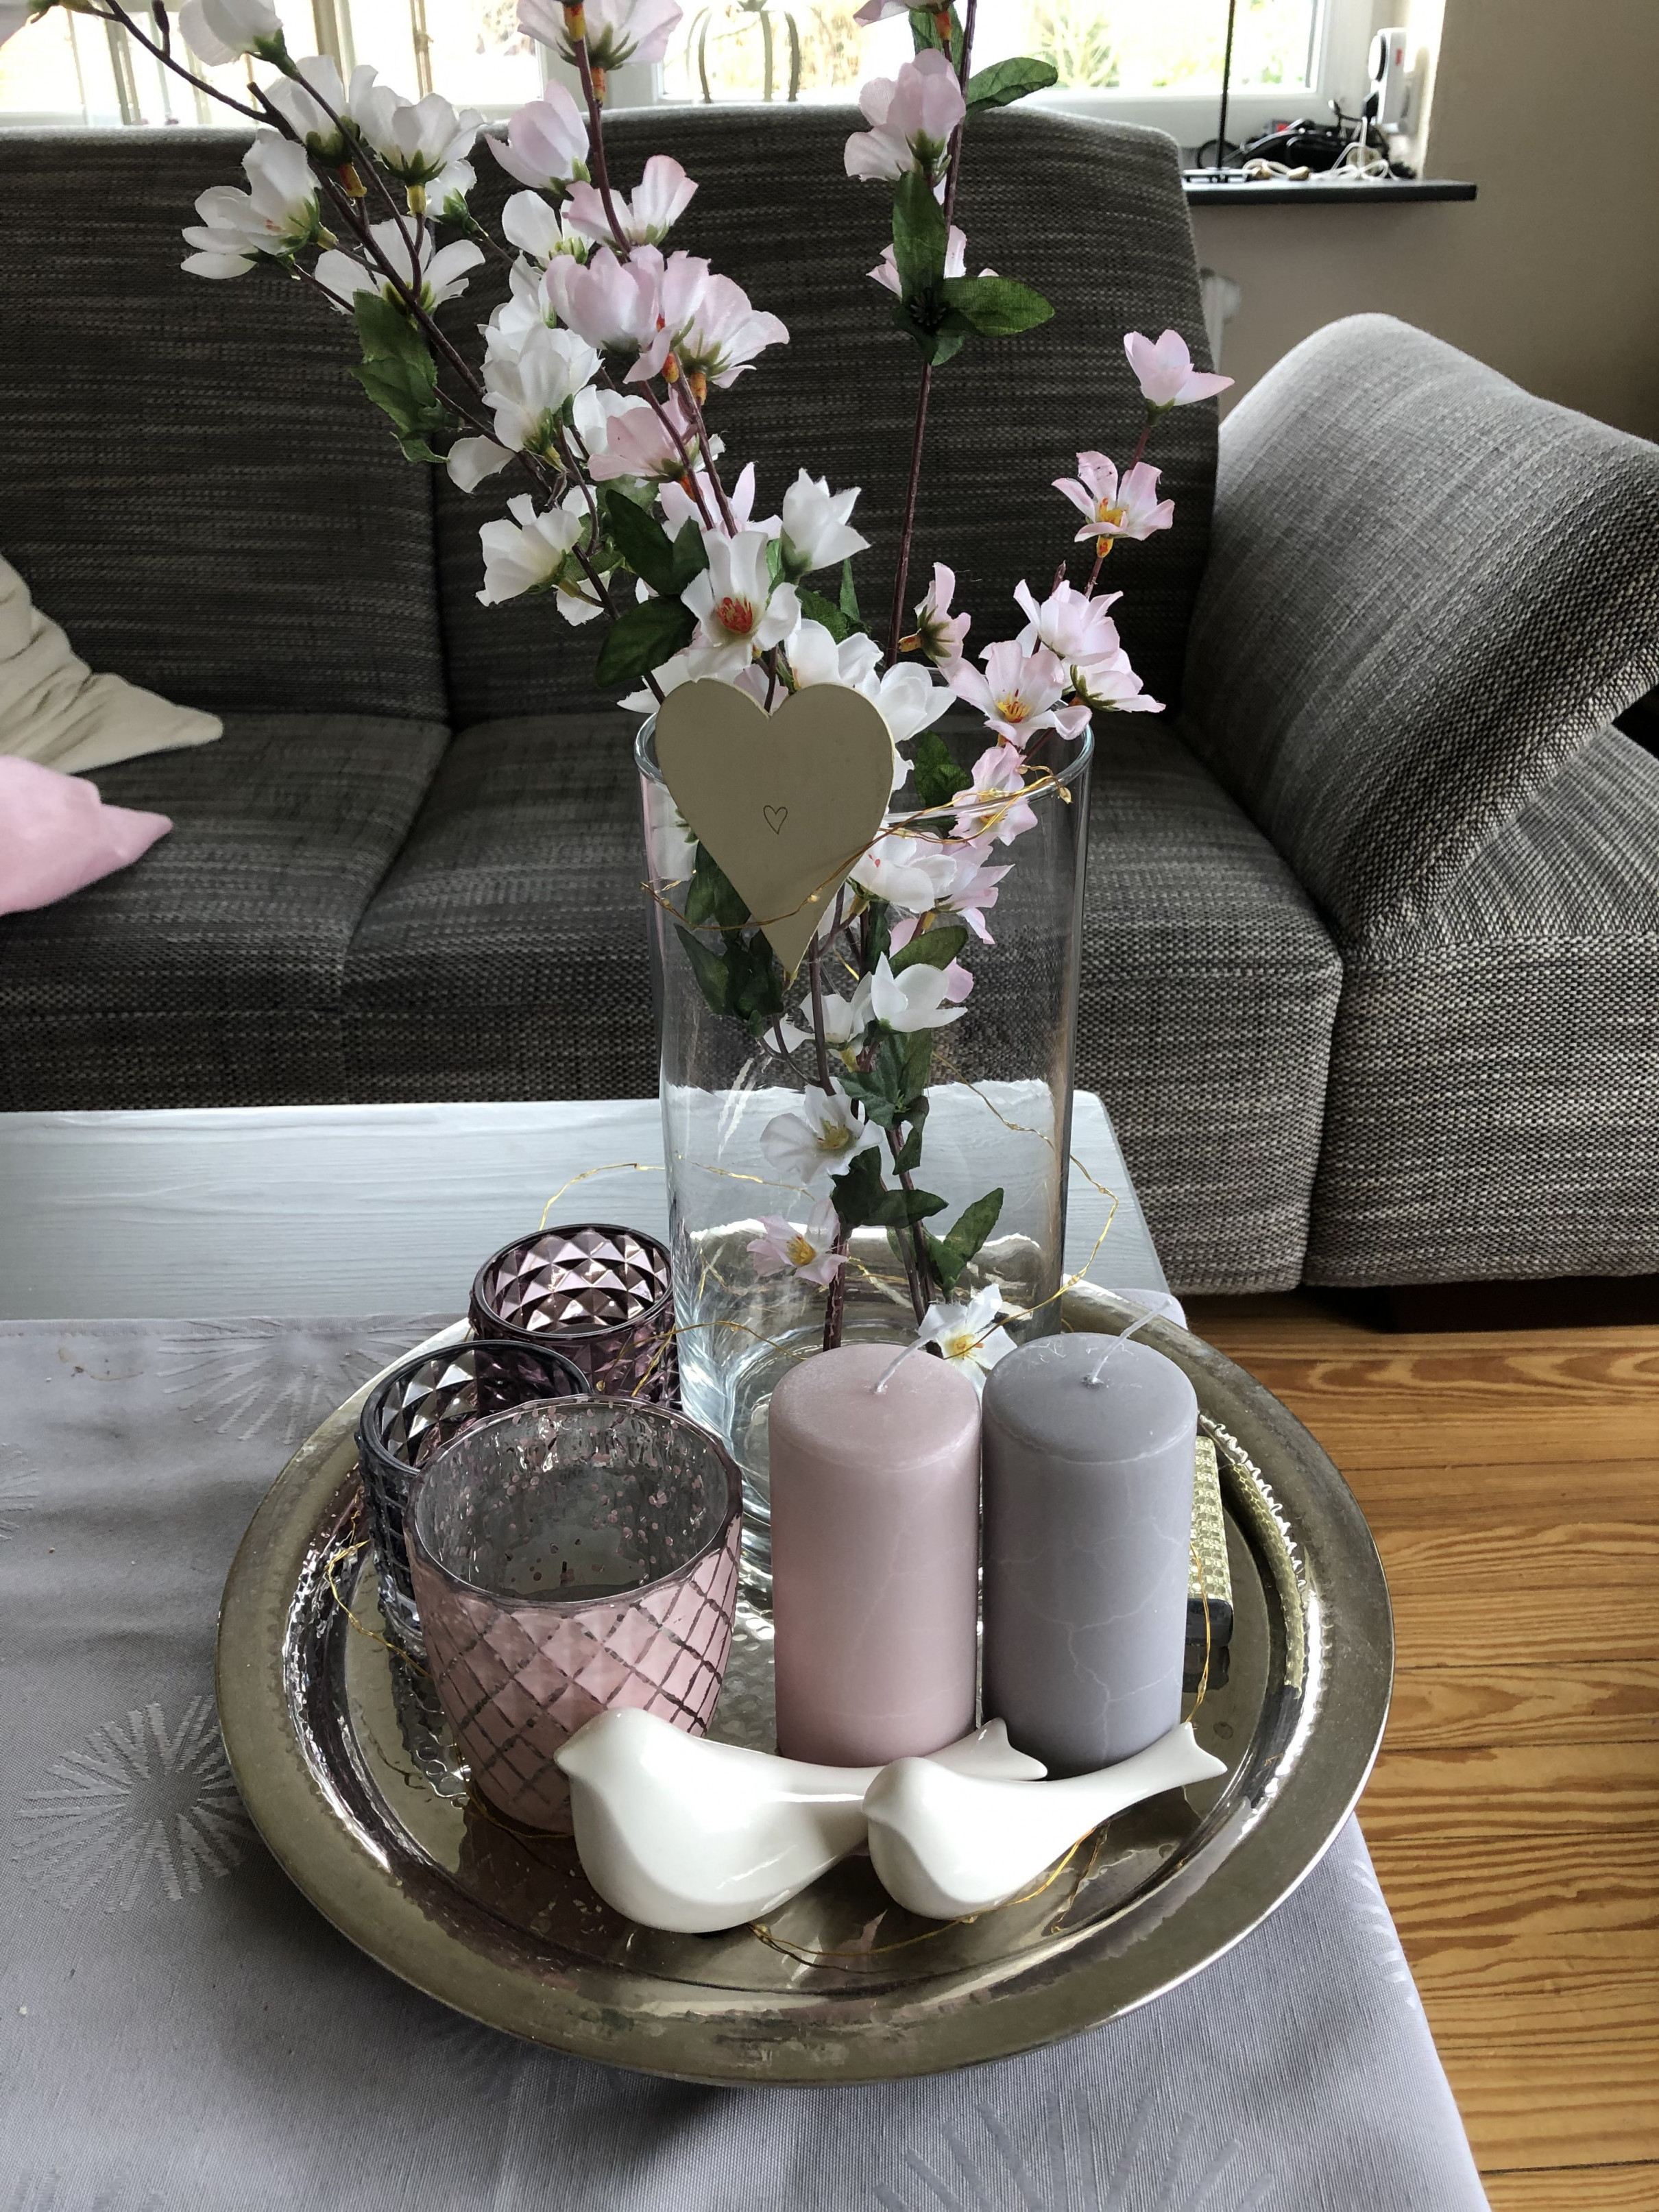 Frühling Deko Tisch Frühlingsdeko Tischdeko Kerzen Spring von Kerzen Deko Wohnzimmer Bild